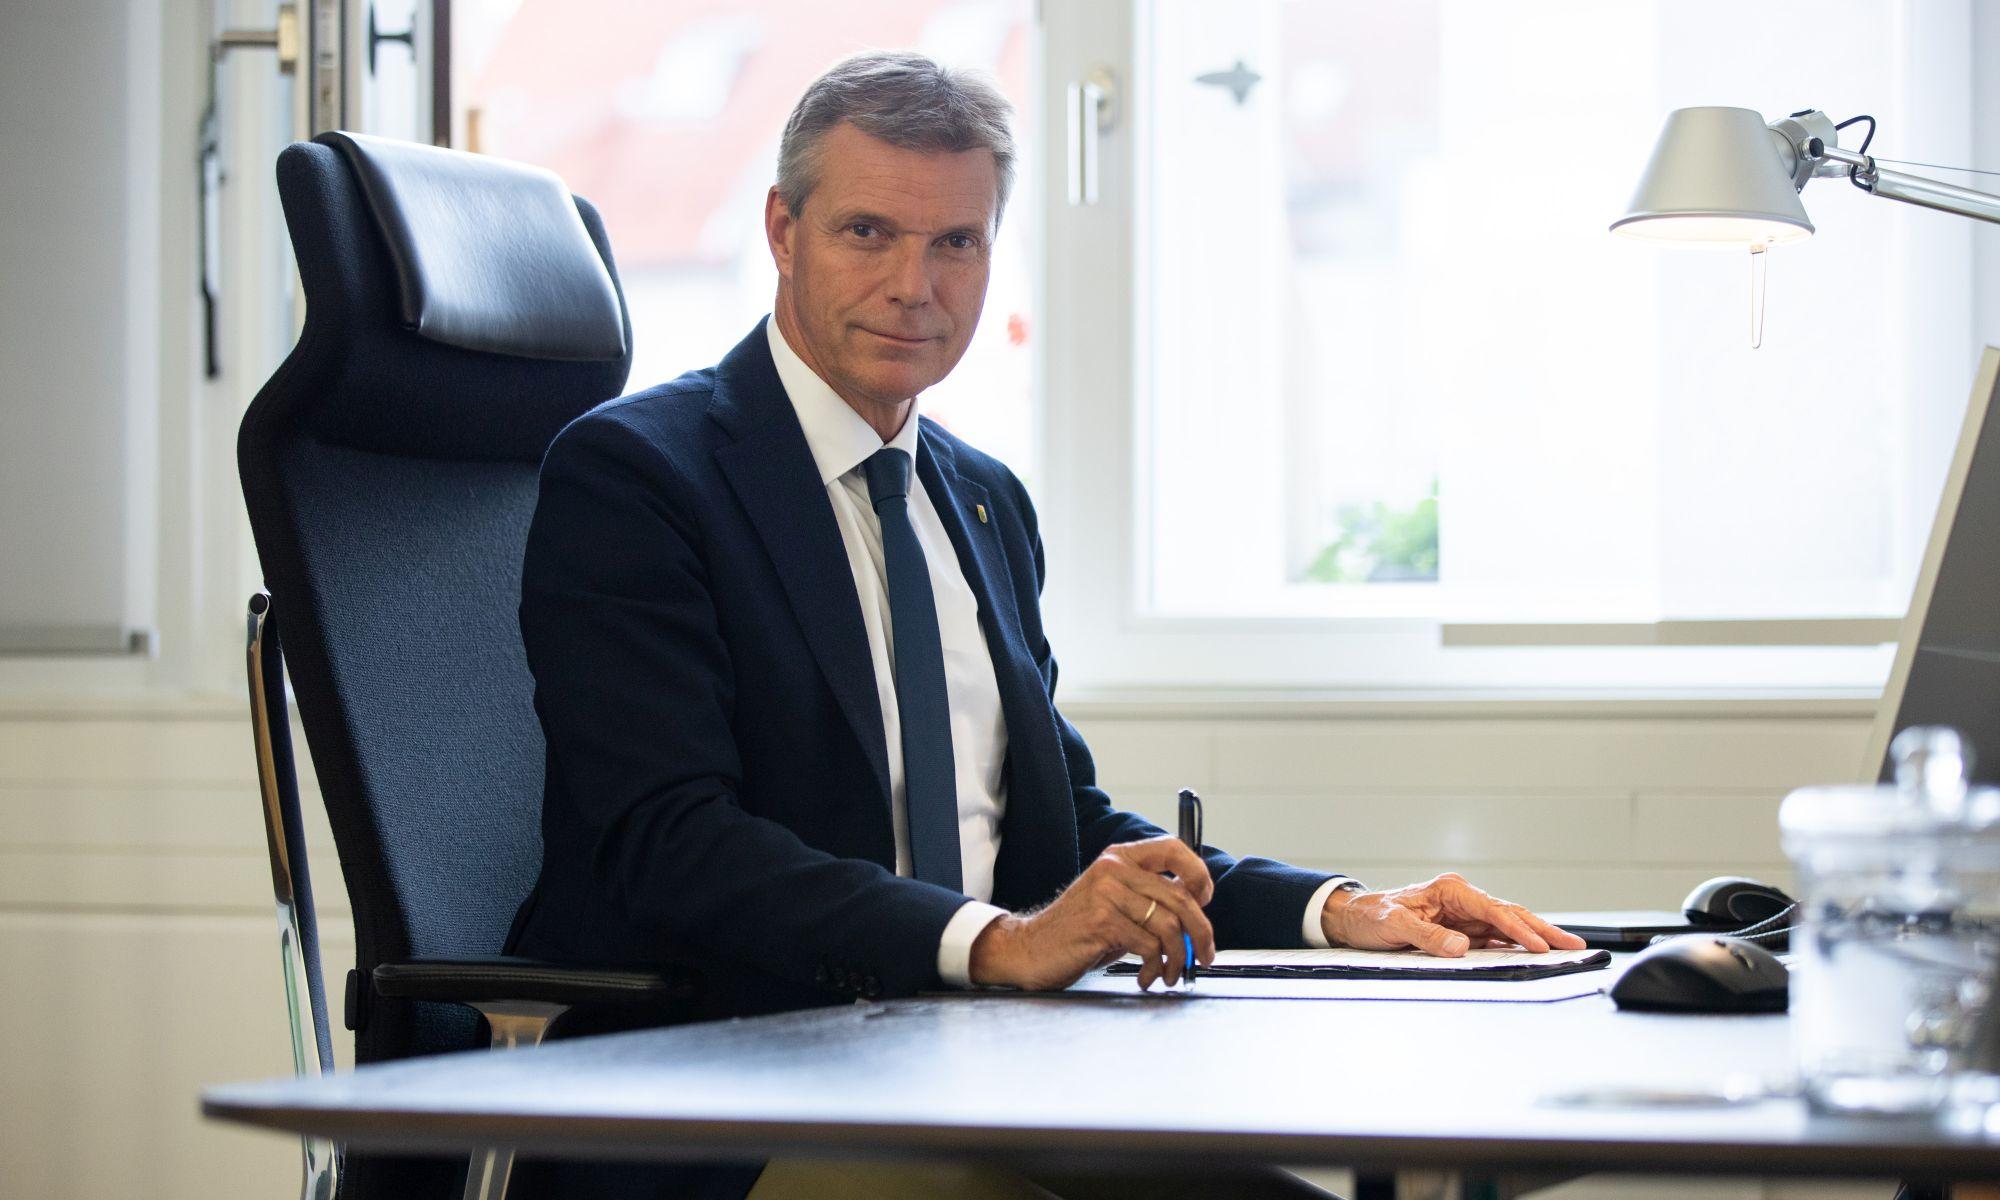 Bürgermeister Tesche am Schreibtisch